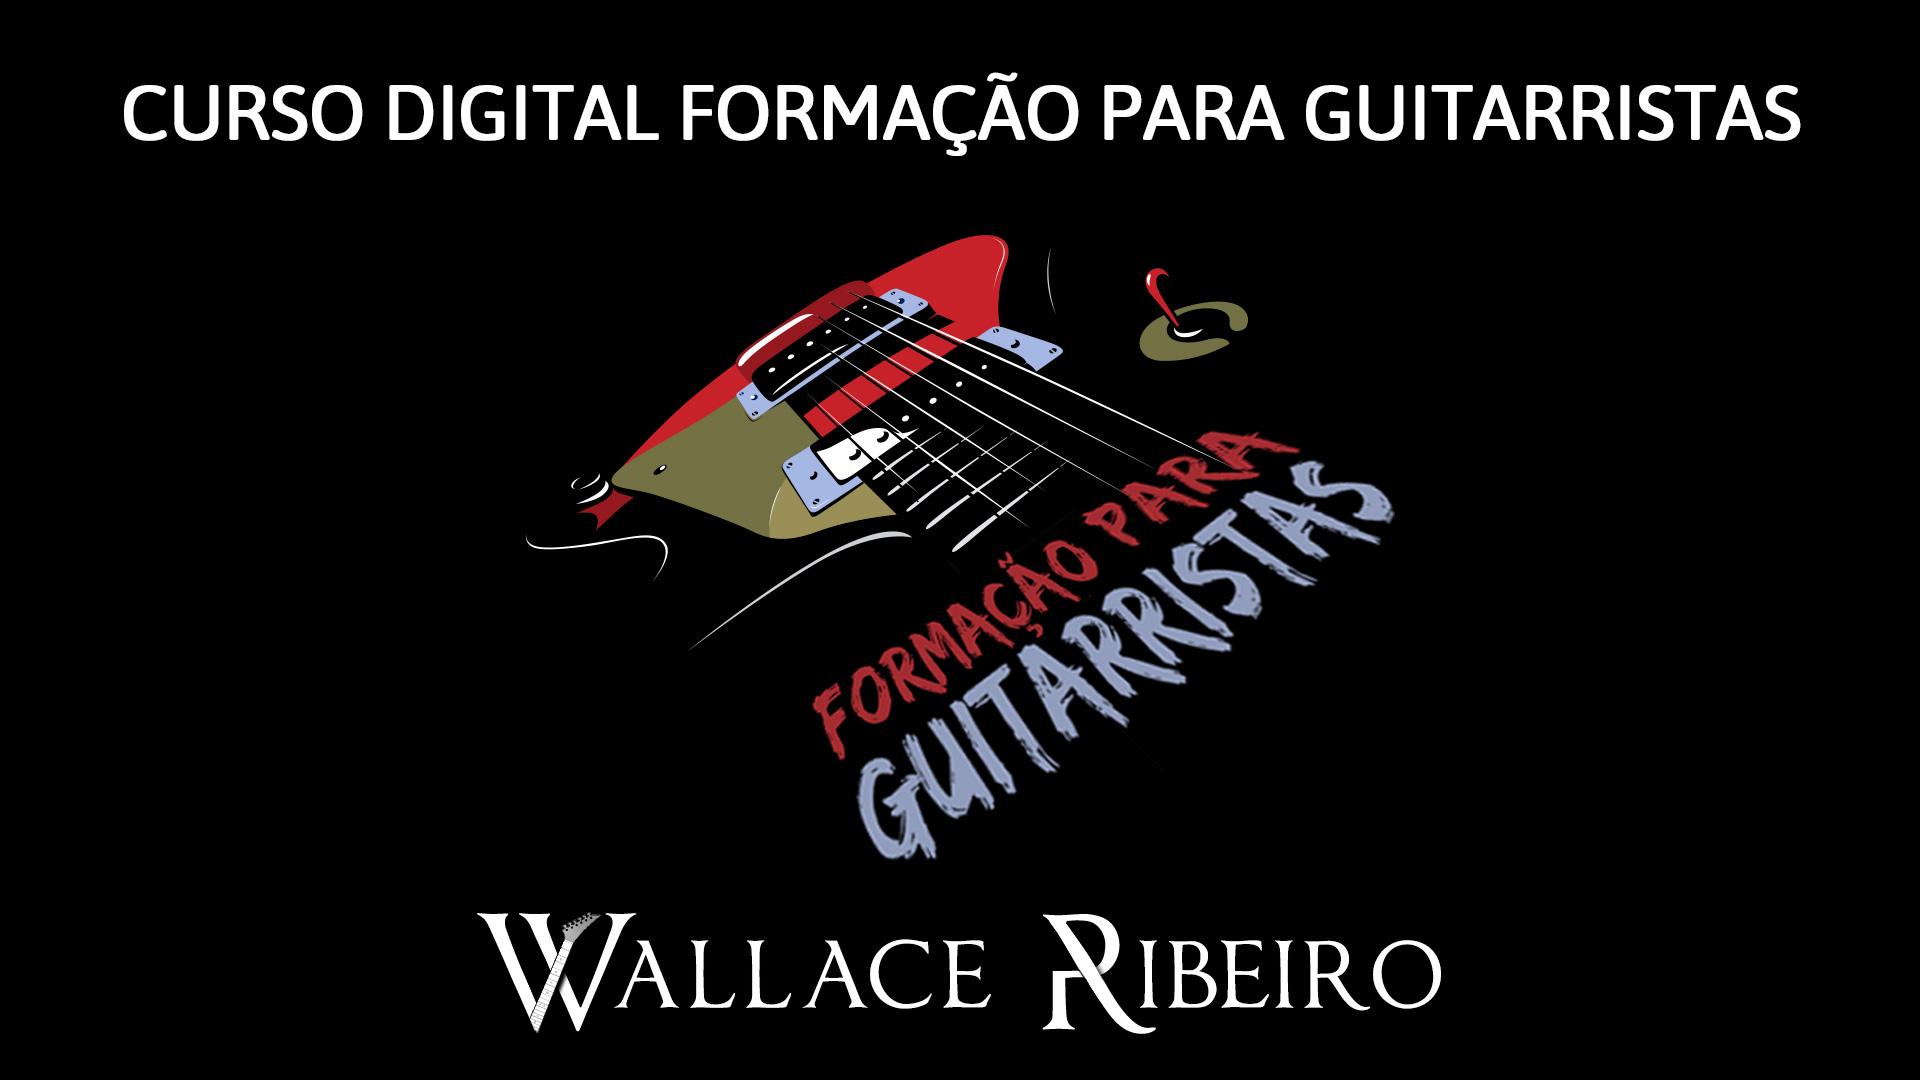 portfolio-formacao-para-guitarristas